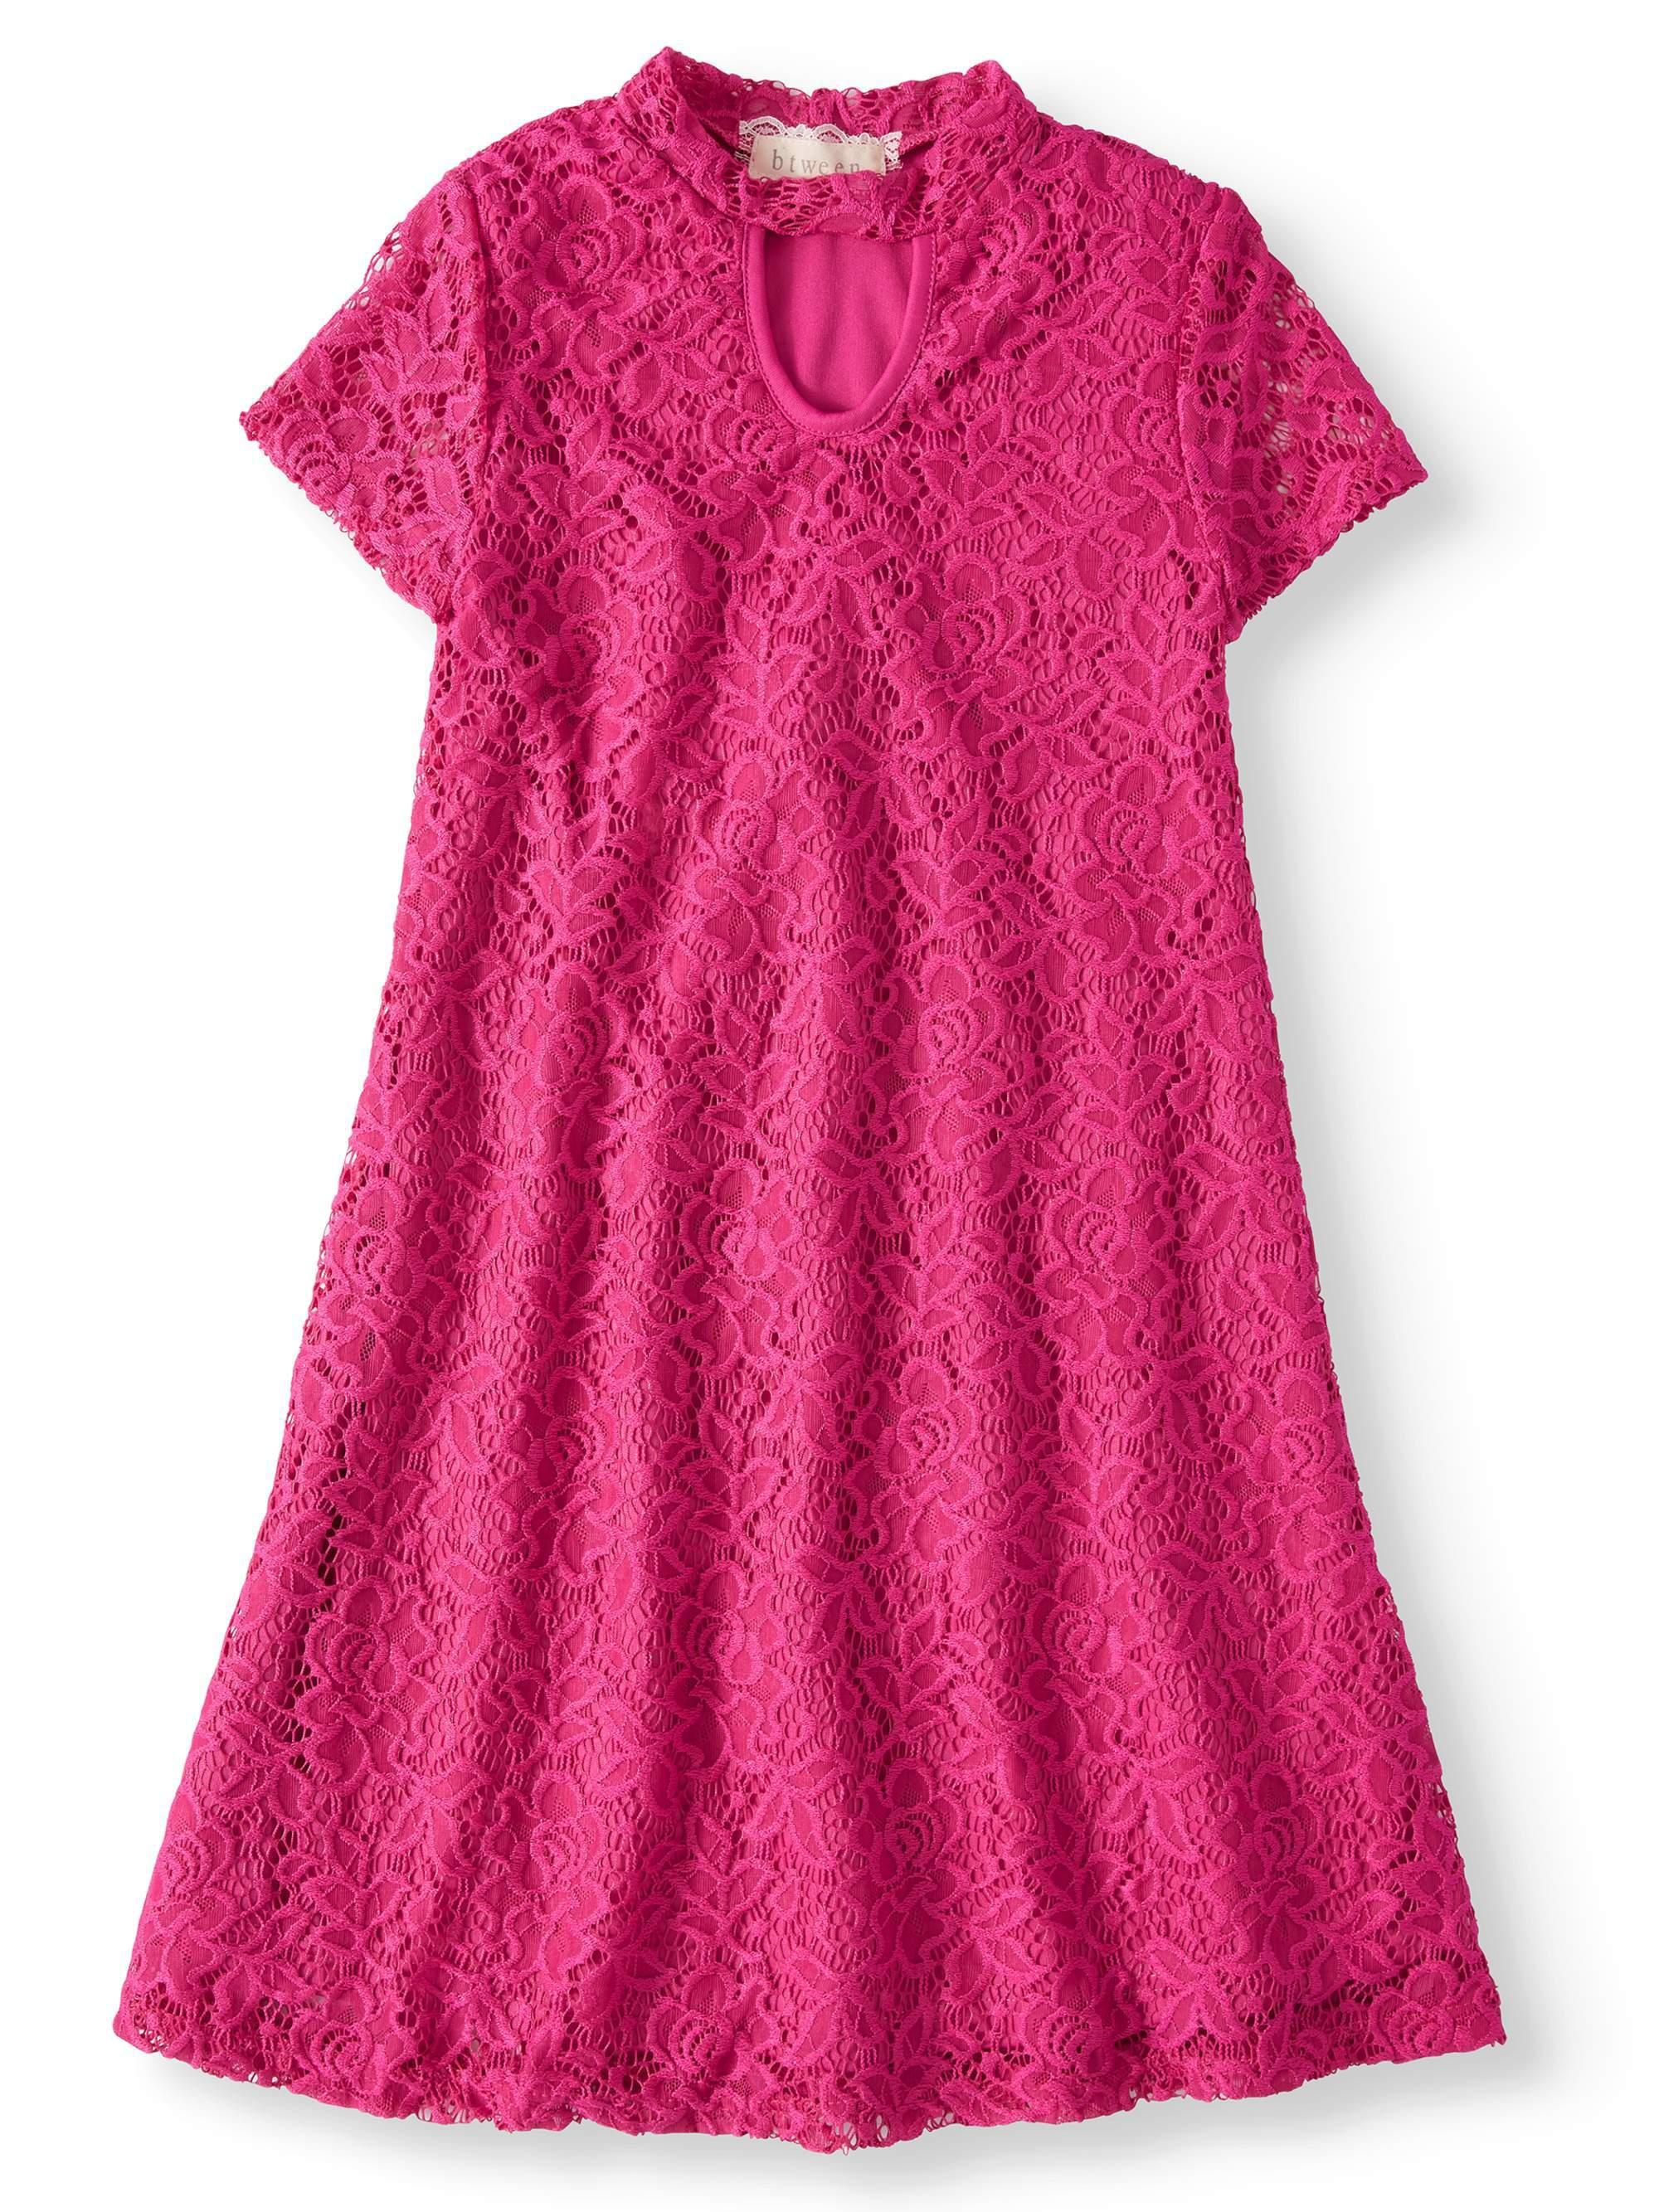 Mock Neck Keyhole Short Sleeve Lace Dress (Big Girls)